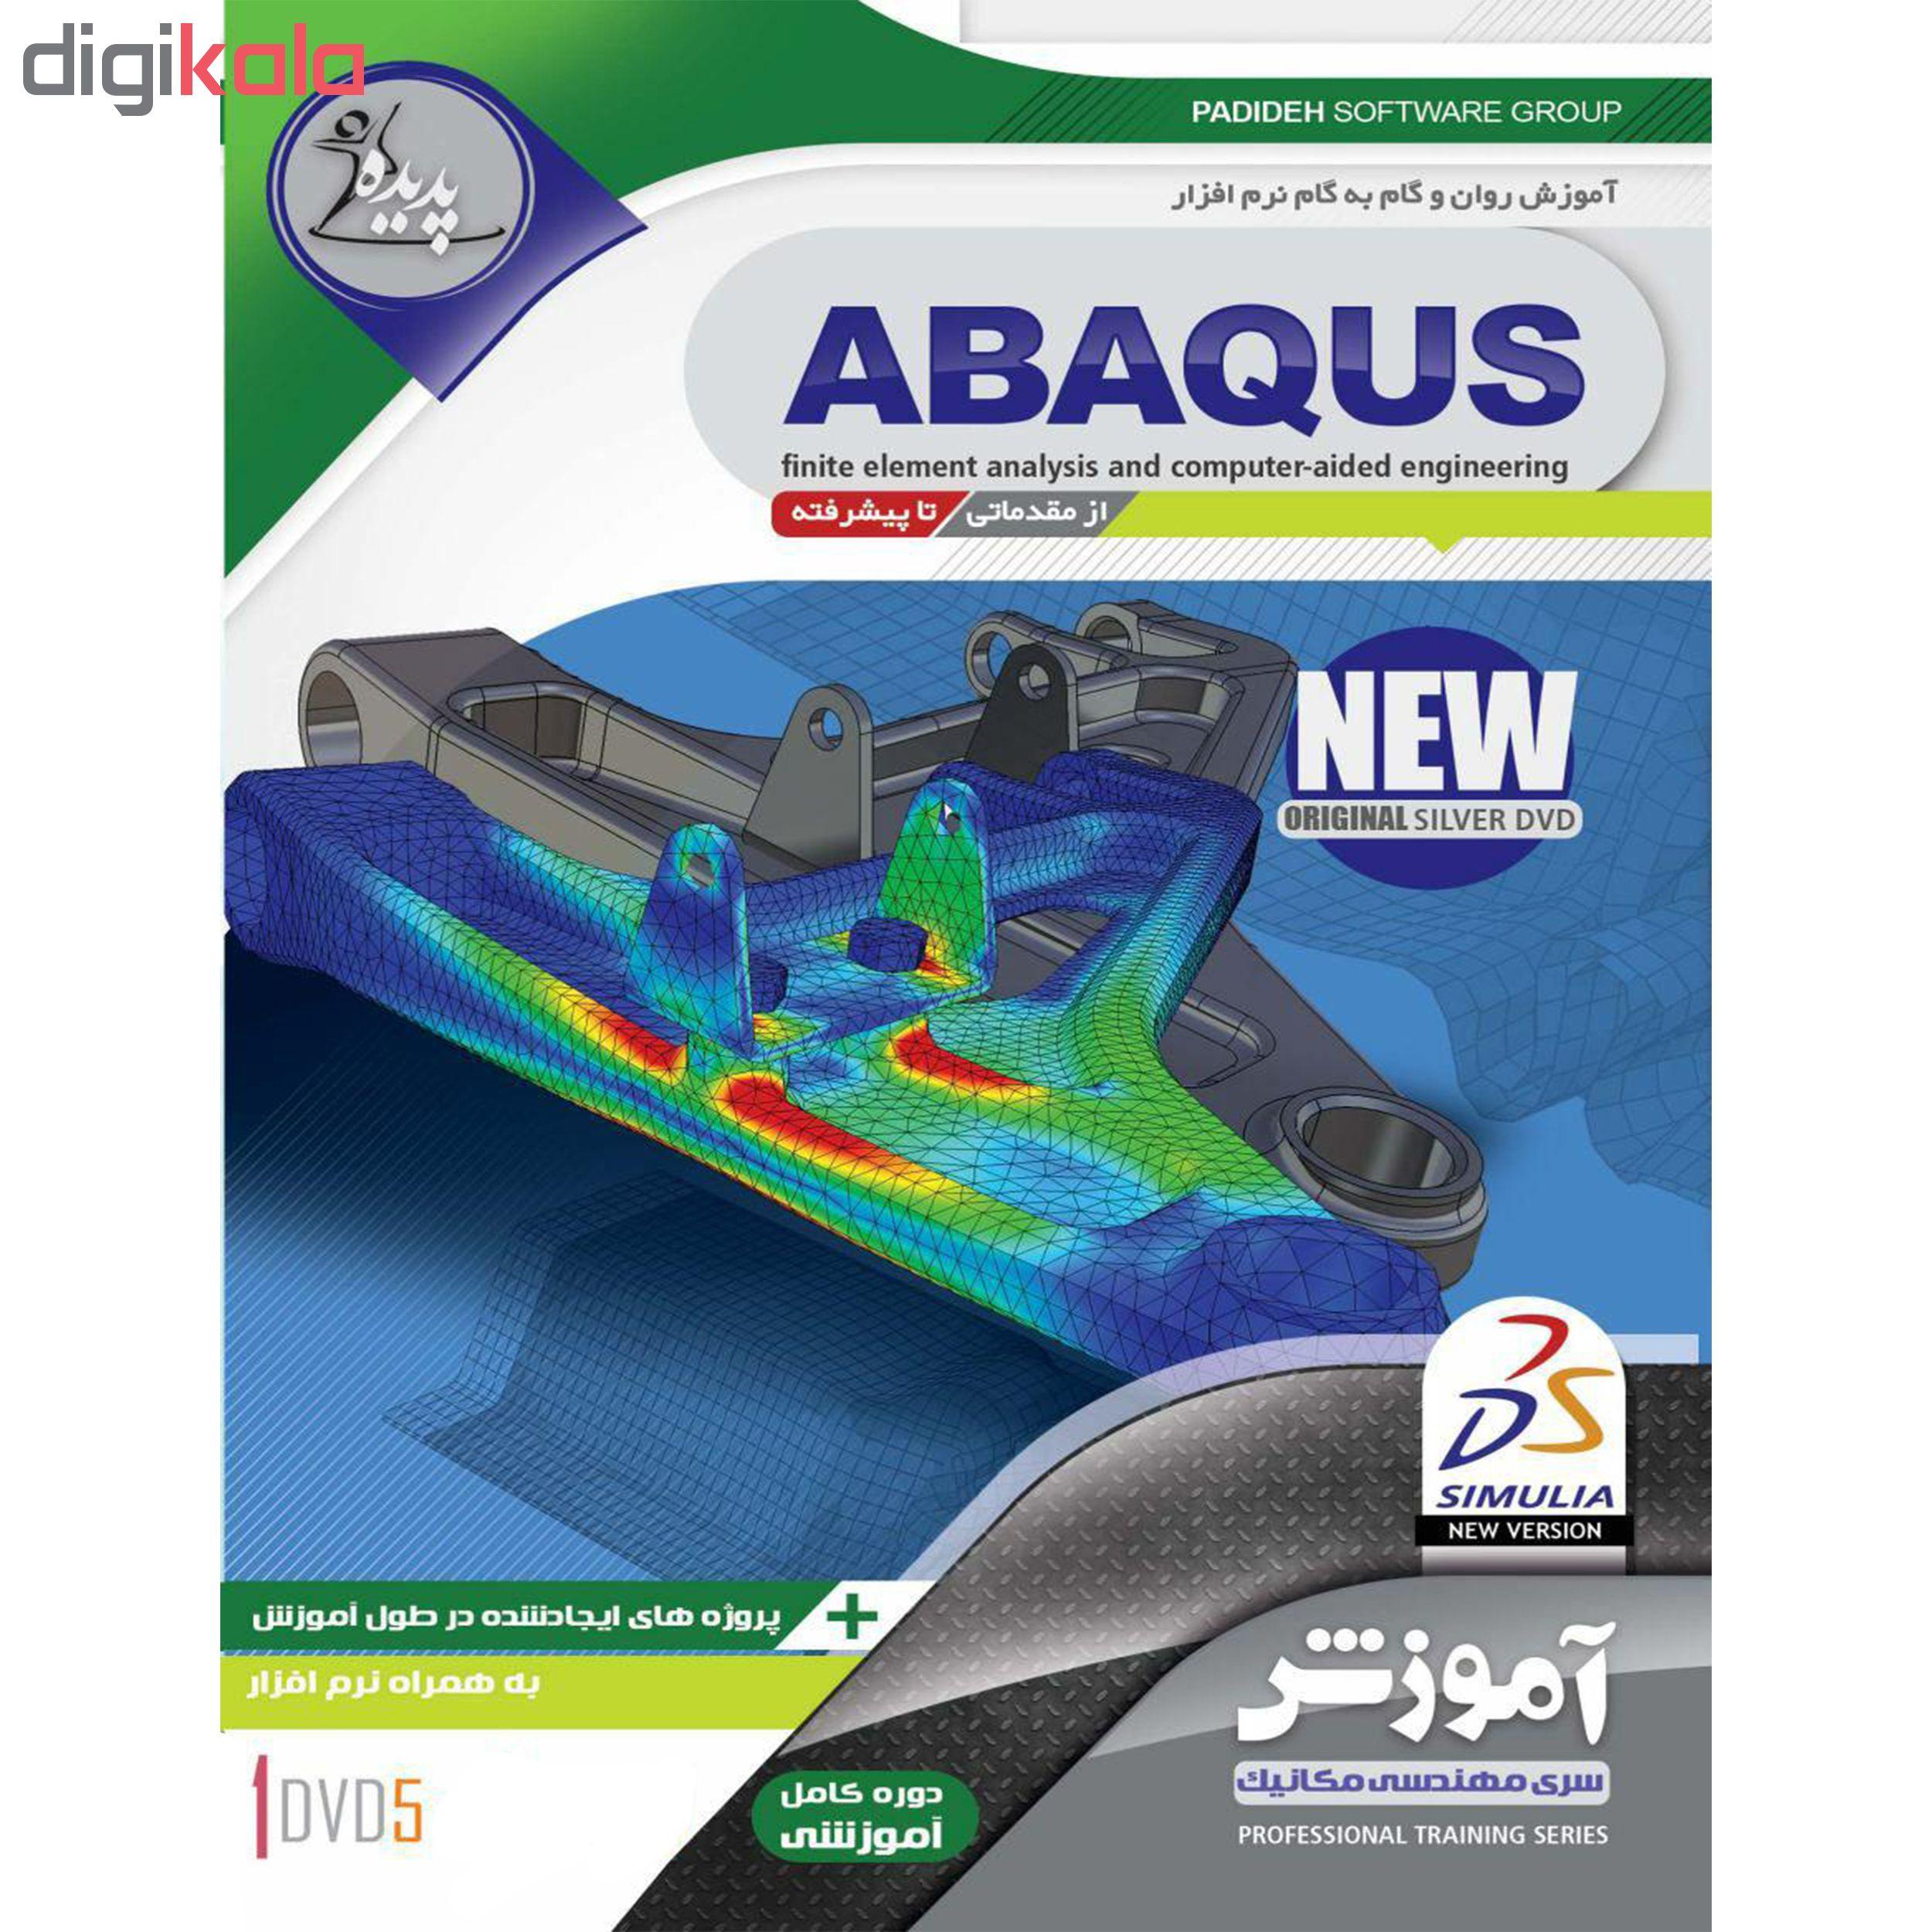 نرم افزار آموزش ABAQUS نشر پدیده به همراه نرم افزار ABAQUS نشر نوین پندار